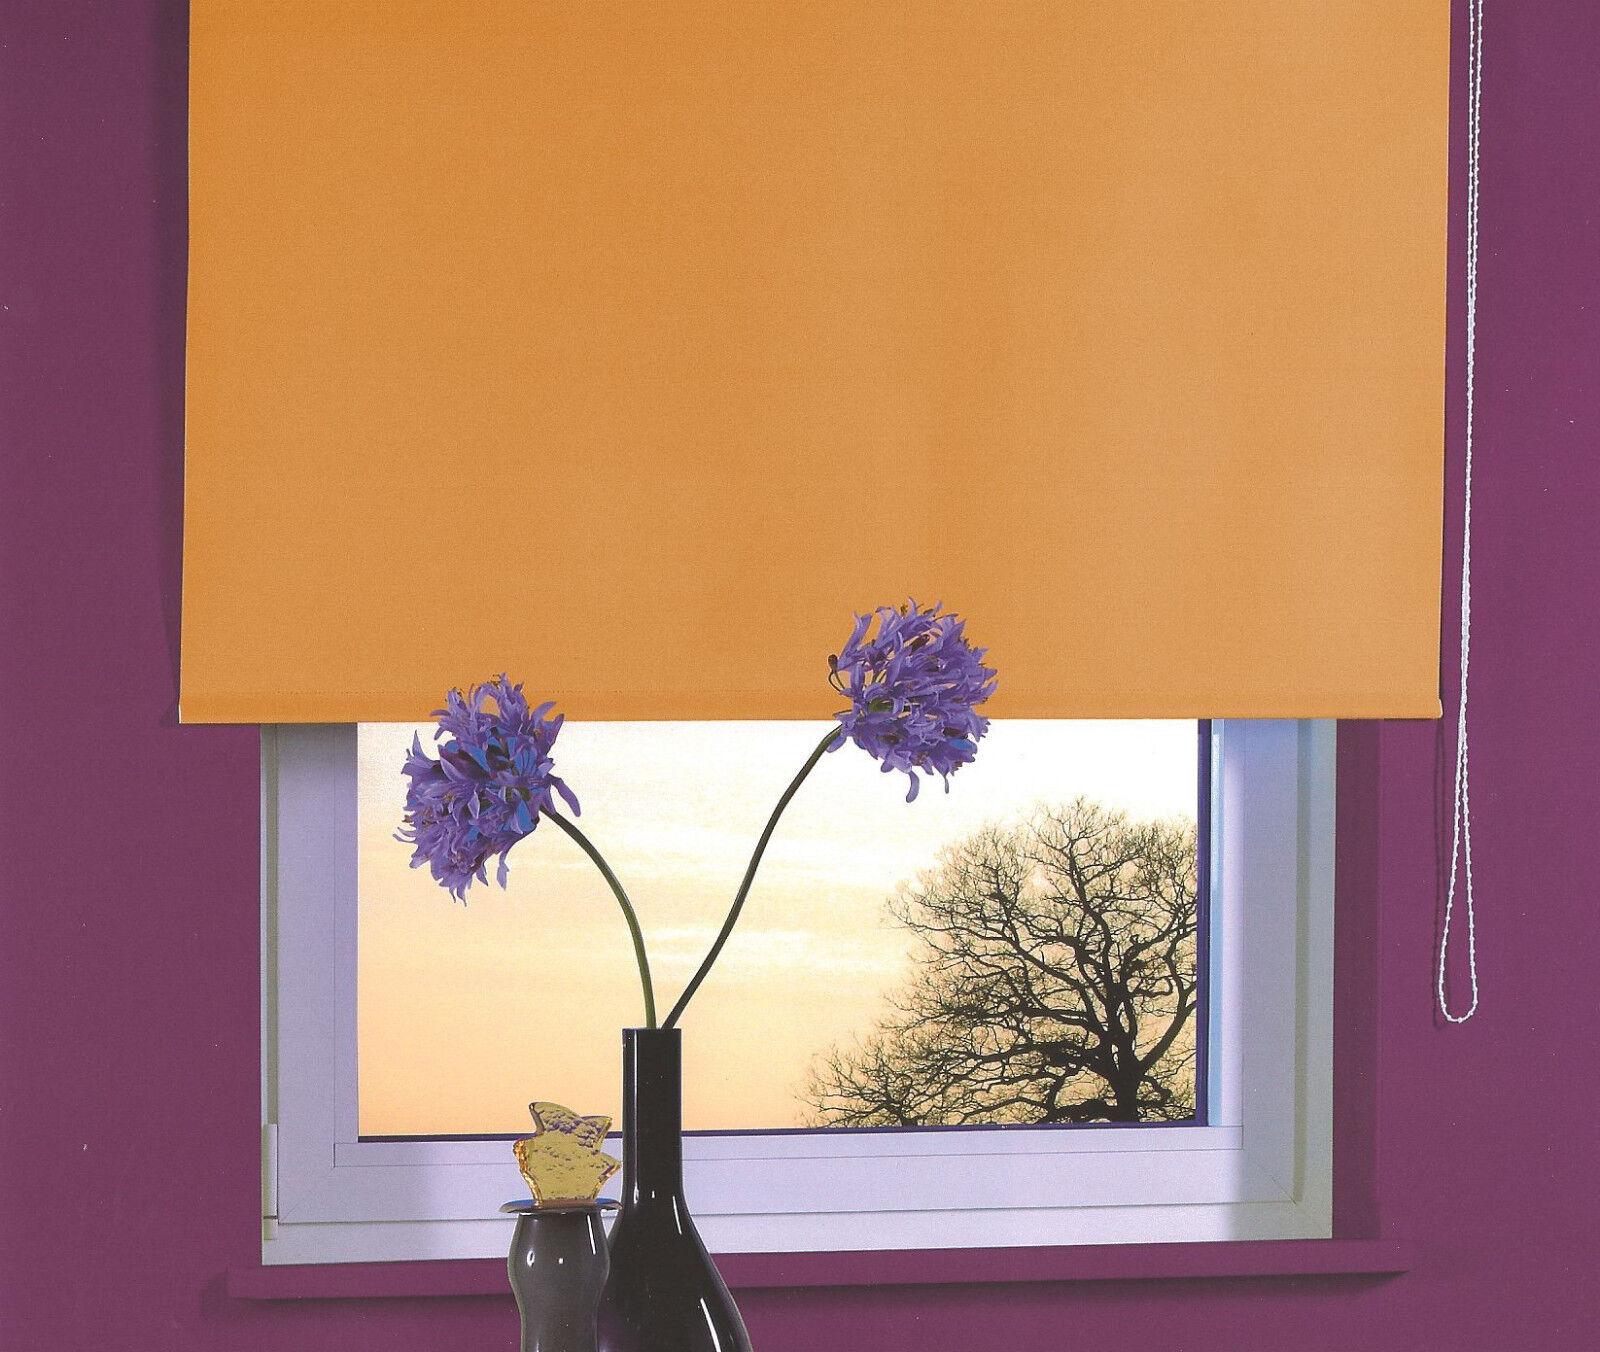 ThermGoldllo Fenster Fenster Fenster Rollo Verdunkelungsrollo Verdunklungsrollo Seitenzugrollo | Sehr gelobt und vom Publikum der Verbraucher geschätzt  f822ac